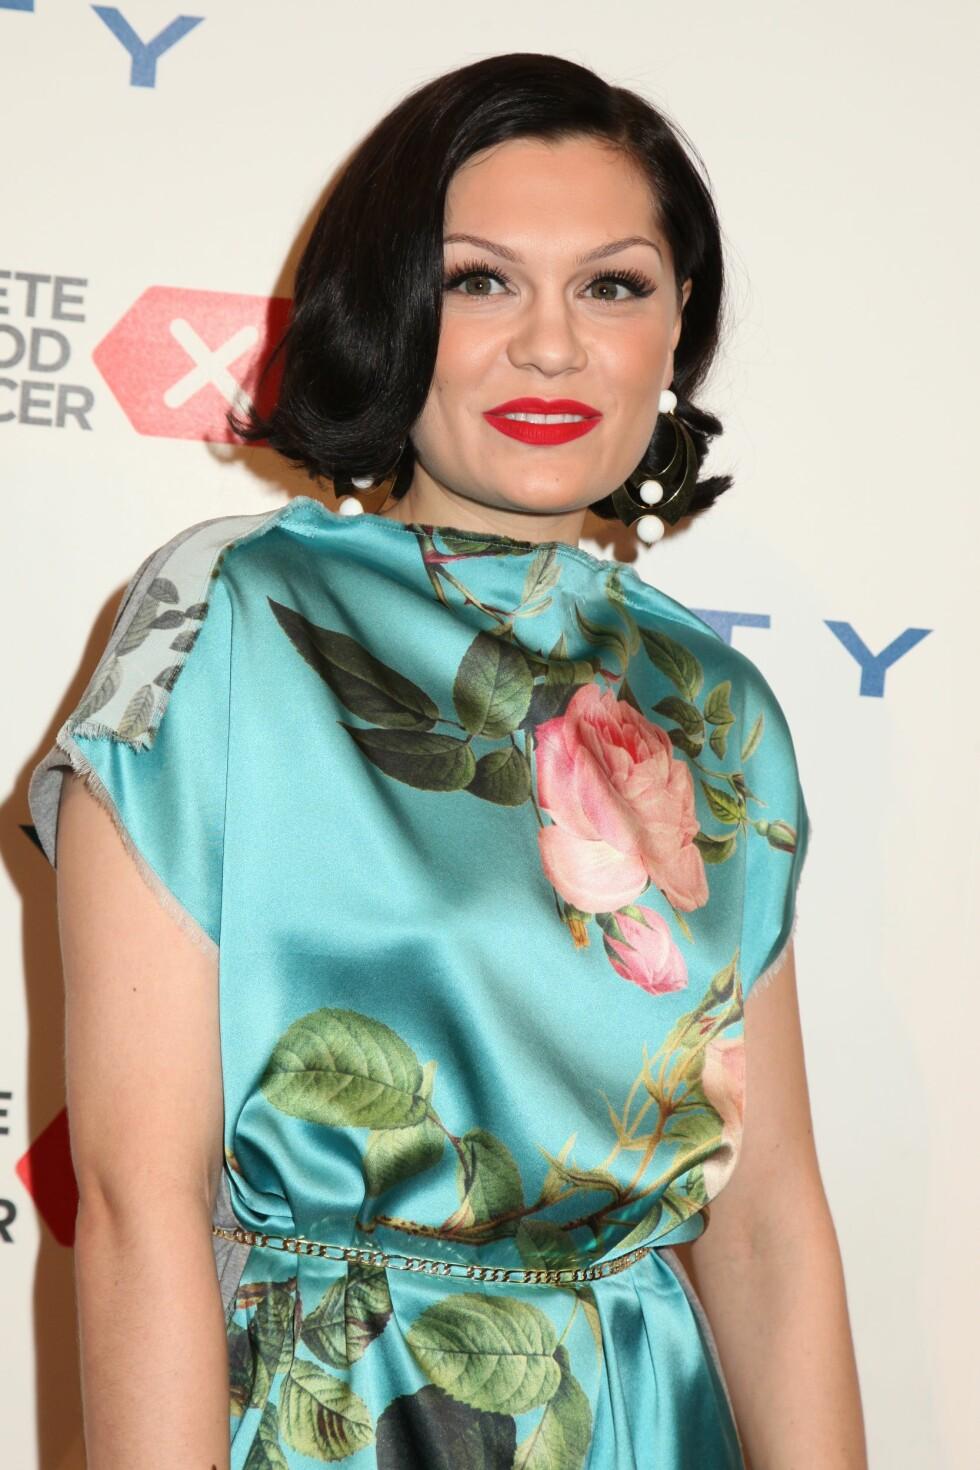 SKREV LÅT: Jessie J skrev sangen «Who You Are» etter hjerneslaget. Låten fremførte hun under gallaen onsdag. Foto: REX/Gregory Pace/BEI/All Over Press